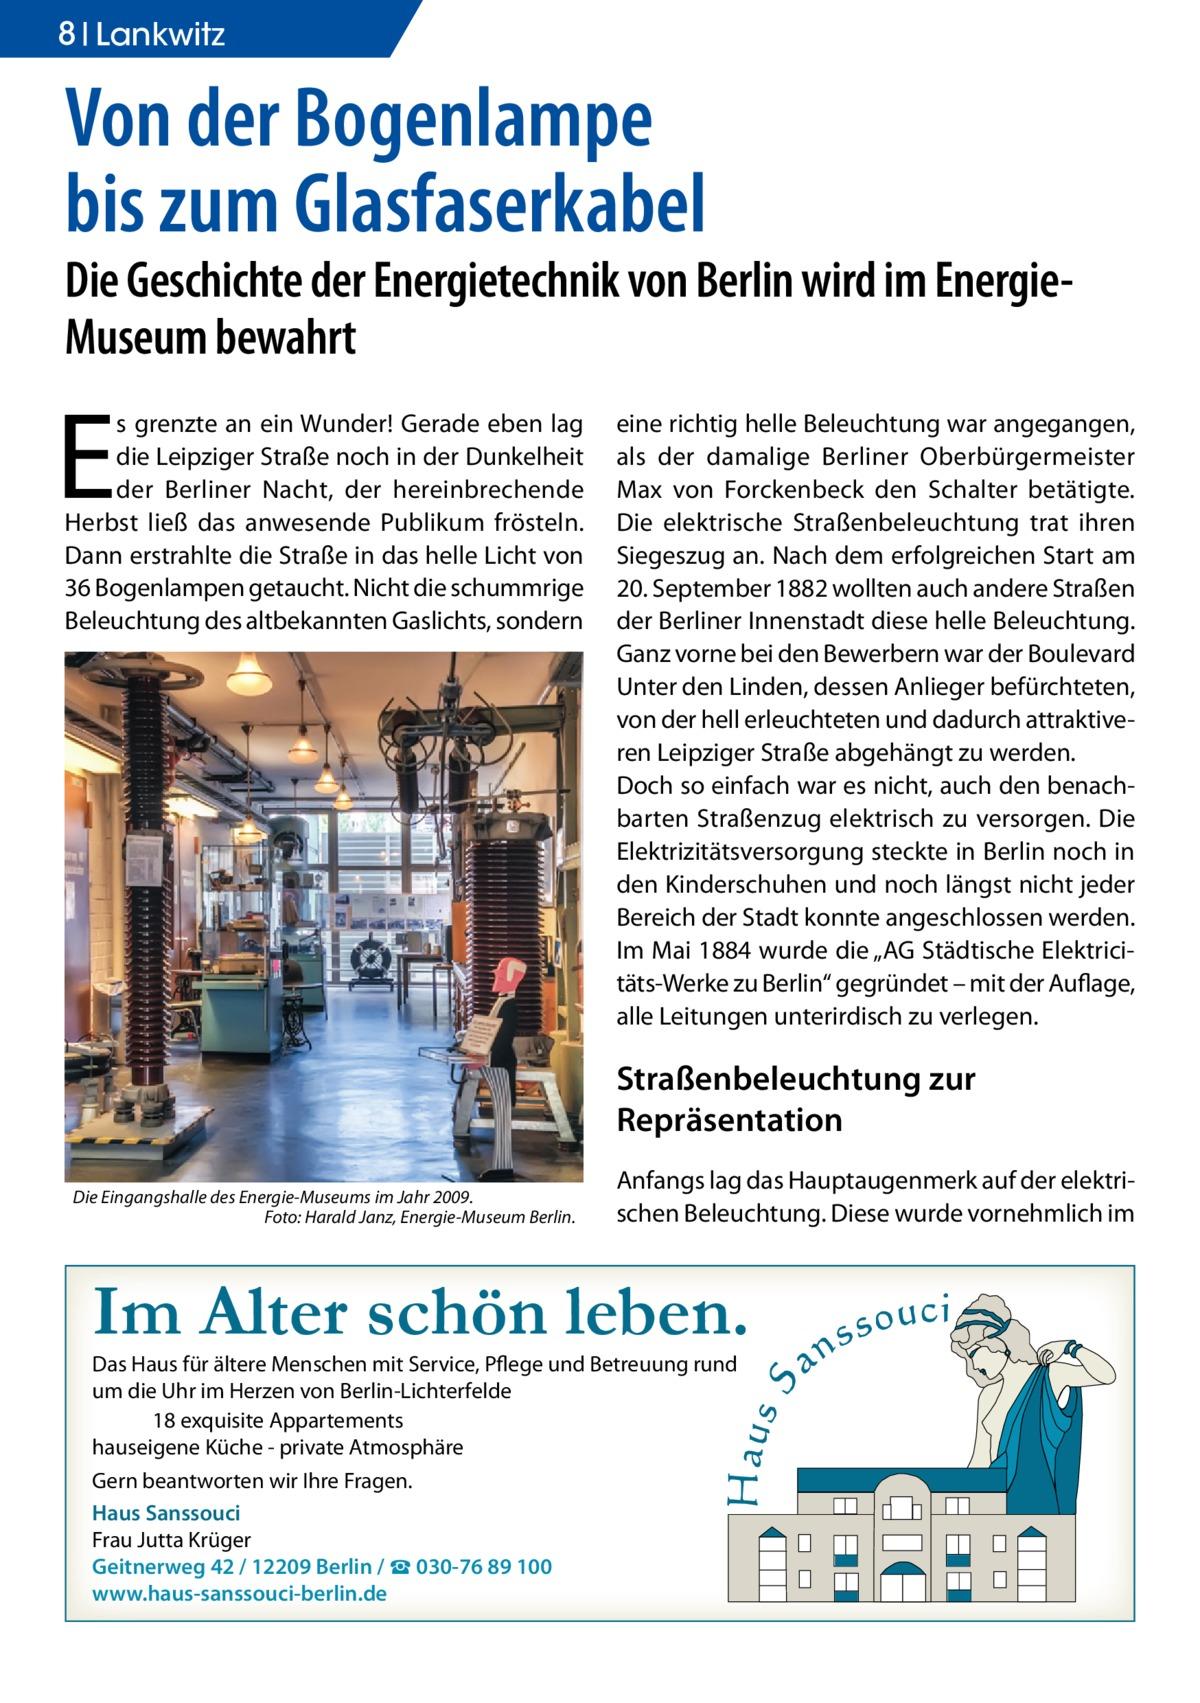 """8 Ratgeber Lankwitz  Von der Bogenlampe bis zum Glasfaserkabel  Die Geschichte der Energietechnik von Berlin wird im EnergieMuseum bewahrt  E  s grenzte an ein Wunder! Gerade eben lag die Leipziger Straße noch in der Dunkelheit der Berliner Nacht, der hereinbrechende Herbst ließ das anwesende Publikum frösteln. Dann erstrahlte die Straße in das helle Licht von 36 Bogenlampen getaucht. Nicht die schummrige Beleuchtung des altbekannten Gaslichts, sondern  eine richtig helle Beleuchtung war angegangen, als der damalige Berliner Oberbürgermeister Max von Forckenbeck den Schalter betätigte. Die elektrische Straßenbeleuchtung trat ihren Siegeszug an. Nach dem erfolgreichen Start am 20. September 1882 wollten auch andere Straßen der Berliner Innenstadt diese helle Beleuchtung. Ganz vorne bei den Bewerbern war der Boulevard Unter den Linden, dessen Anlieger befürchteten, von der hell erleuchteten und dadurch attraktiveren Leipziger Straße abgehängt zu werden. Doch so einfach war es nicht, auch den benachbarten Straßenzug elektrisch zu versorgen. Die Elektrizitätsversorgung steckte in Berlin noch in den Kinderschuhen und noch längst nicht jeder Bereich der Stadt konnte angeschlossen werden. Im Mai 1884 wurde die """"AG Städtische Elektricitäts-Werke zu Berlin"""" gegründet – mit der Auflage, alle Leitungen unterirdisch zu verlegen.  Straßenbeleuchtung zur Repräsentation Die Eingangshalle des Energie-Museums im Jahr 2009. � Foto: Harald Janz, Energie-Museum Berlin.  Anfangs lag das Hauptaugenmerk auf der elektrischen Beleuchtung. Diese wurde vornehmlich im  Im Alter schön leben. Das Haus für ältere Menschen mit Service, Pflege und Betreuung rund um die Uhr im Herzen von Berlin-Lichterfelde 18 exquisite Appartements hauseigene Küche - private Atmosphäre Gern beantworten wir Ihre Fragen. Haus Sanssouci Frau Jutta Krüger Geitnerweg 42 / 12209 Berlin / ☎ 030-76 89 100 www.haus-sanssouci-berlin.de"""